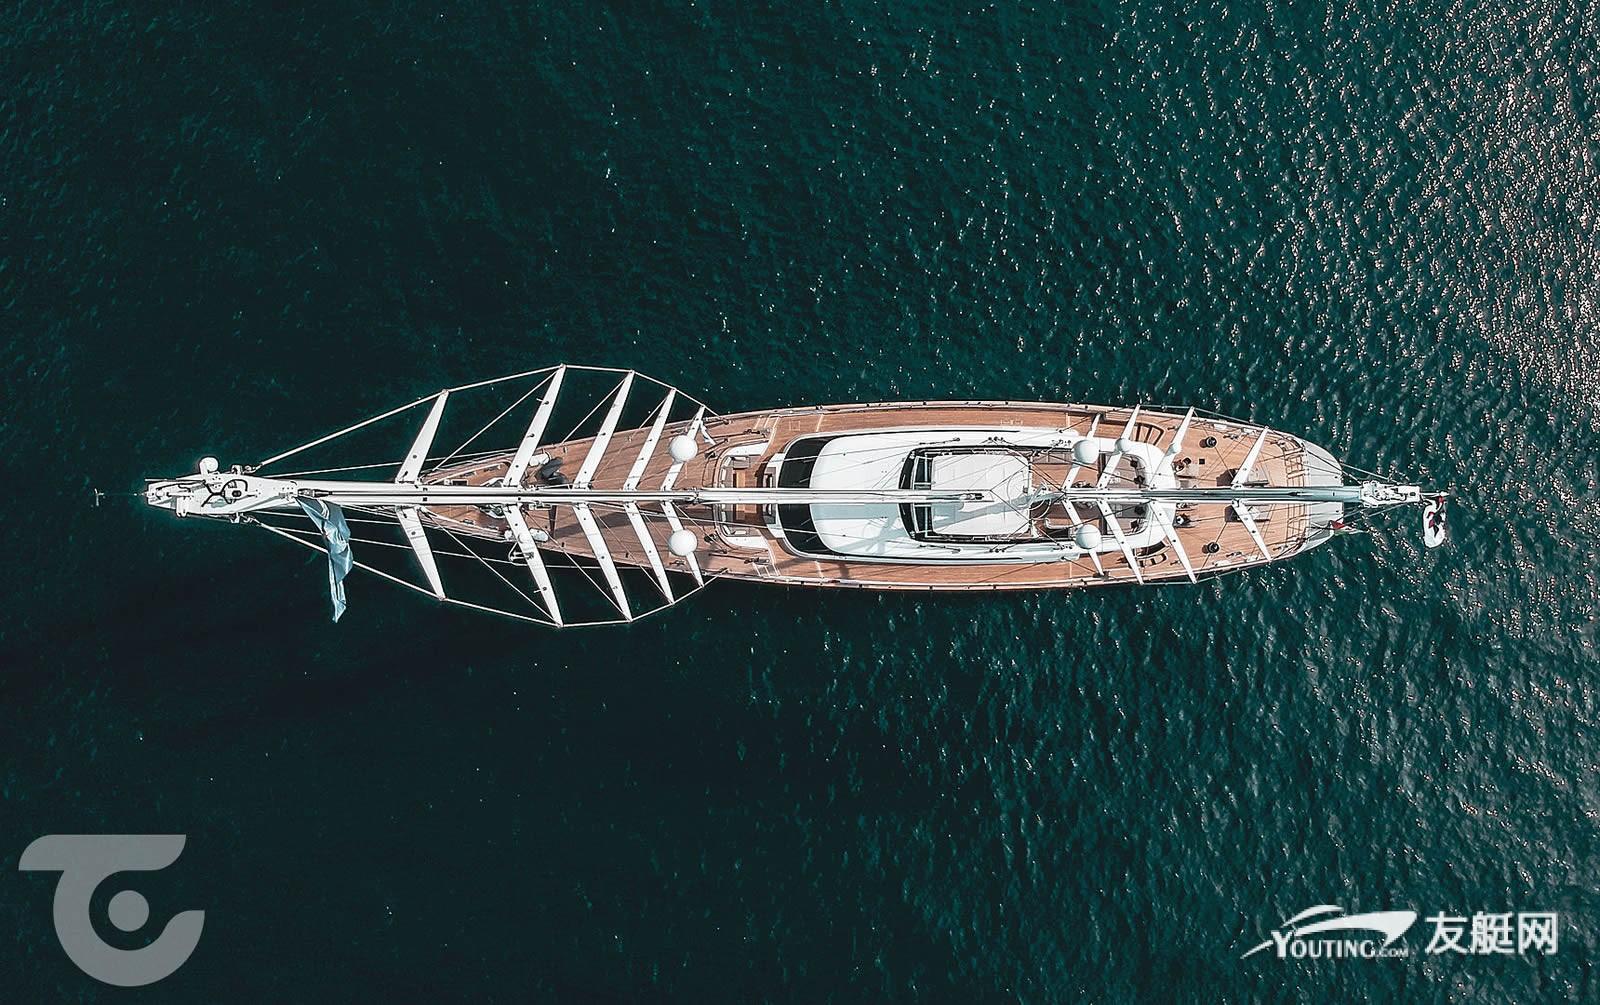 位于撒丁岛海域的帆艇 Seven